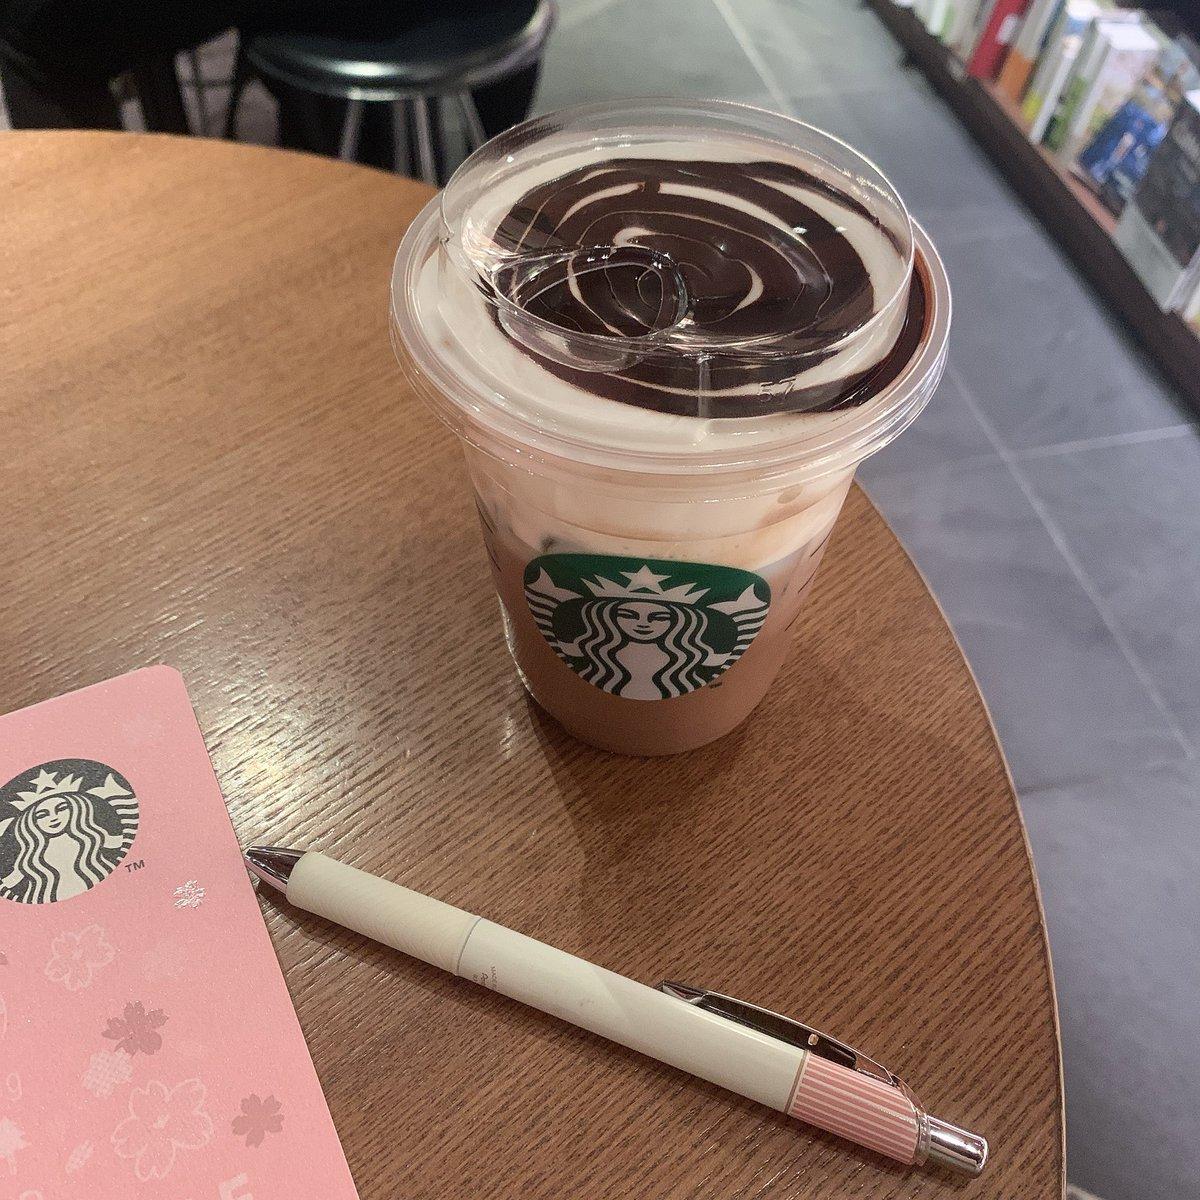 ダイエット中にも飲めるおすすめスタバカスタマイズ6選!